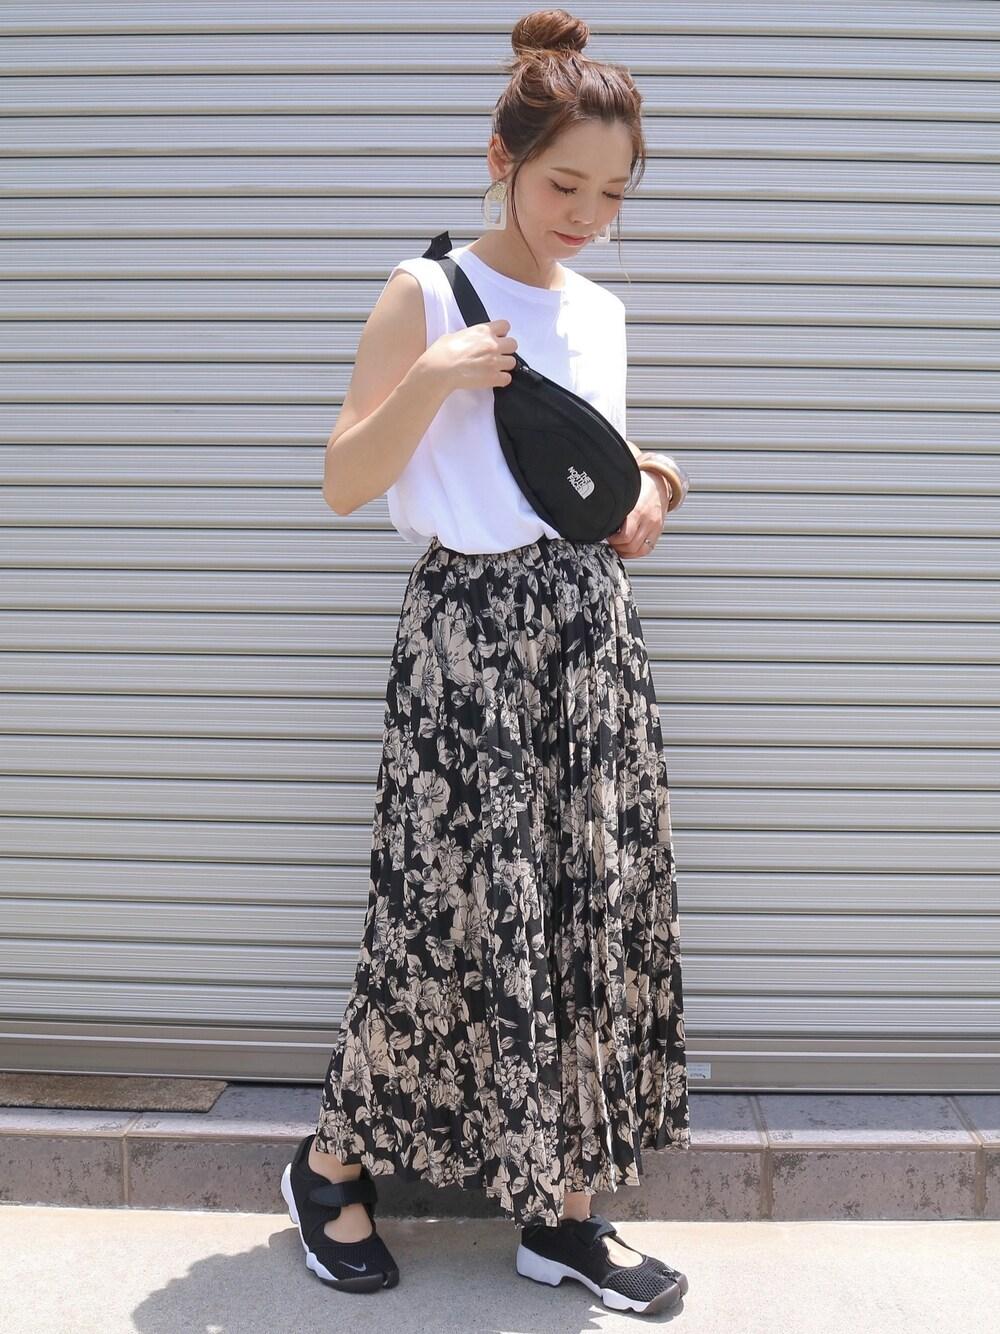 ティティベイト 40代前半向け 洋服 スカート